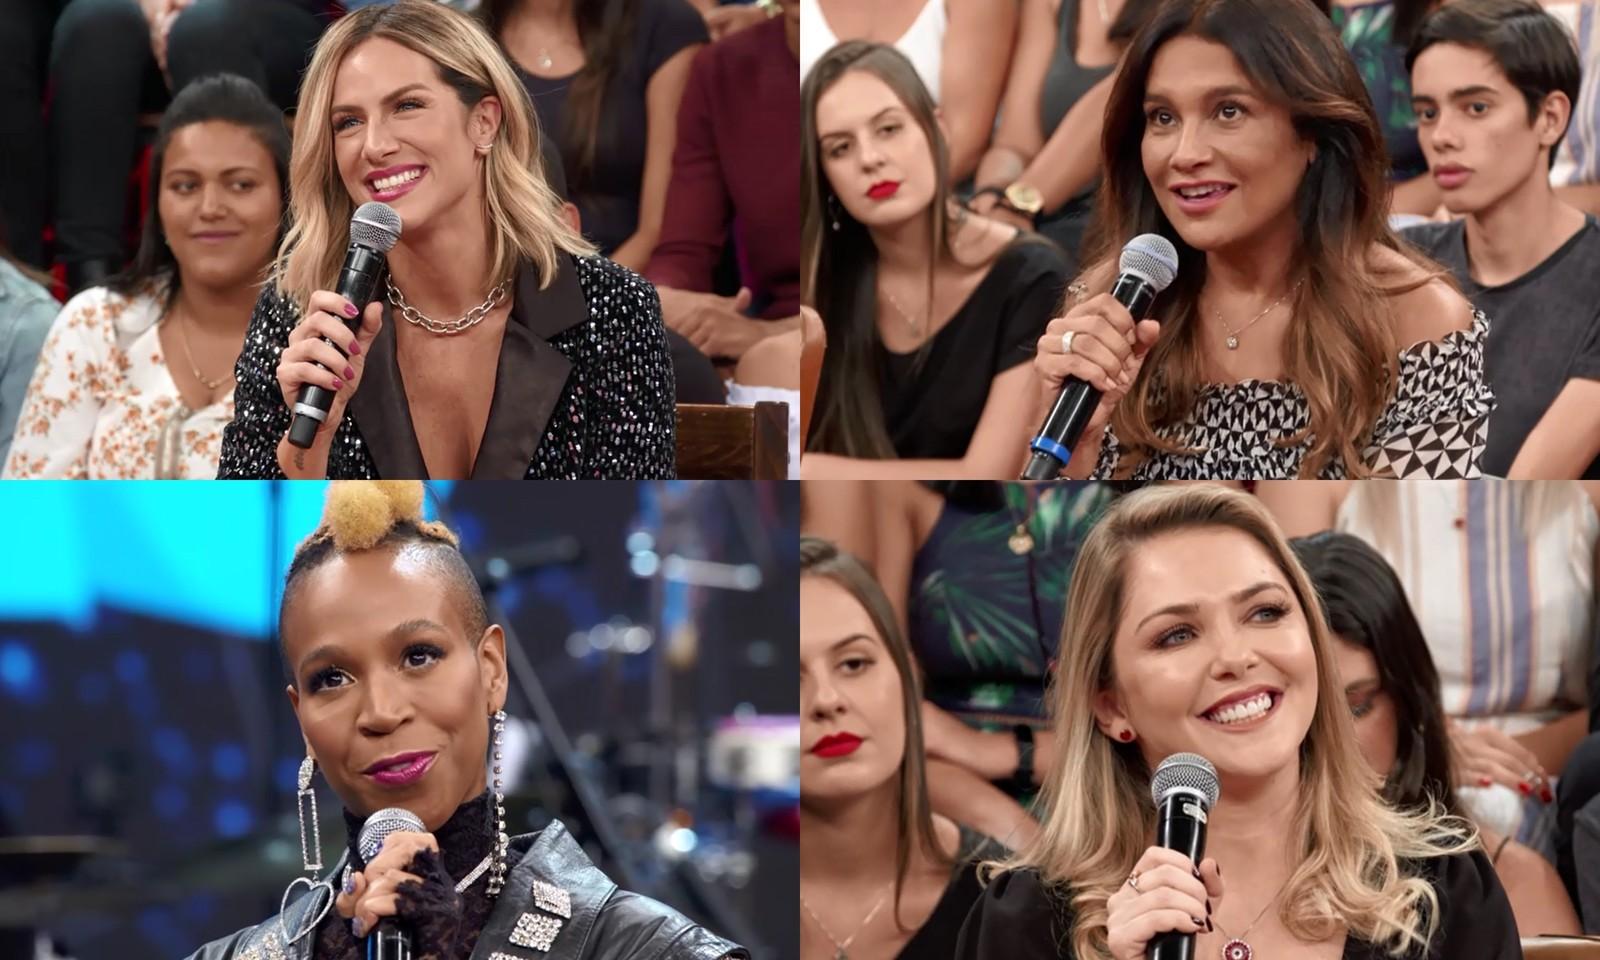 """Filha de Giovanna Ewbank e Bruno Gagliasso questiona a mãe sobre adoção e deixa Gio desesperada: """"fiquei sem reação"""" Foto: TV GLOBO"""